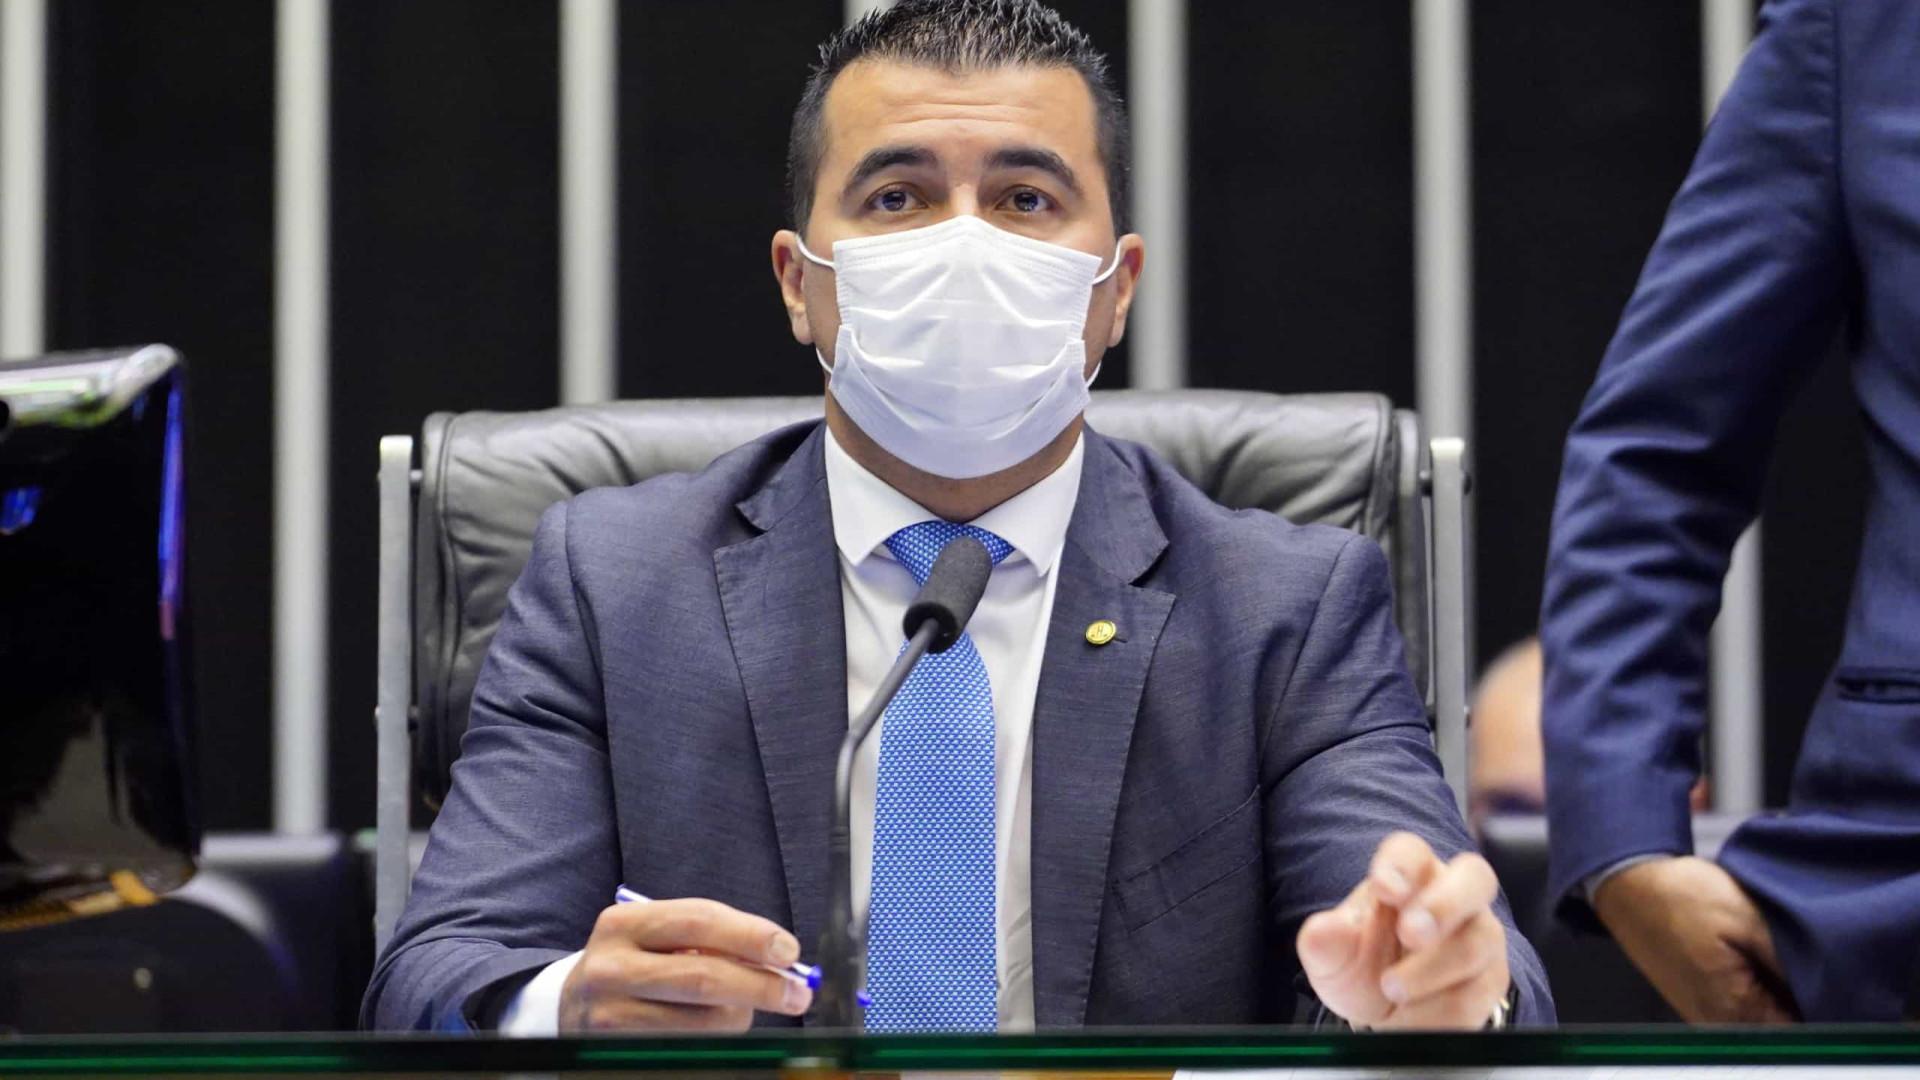 'É bem mais grave', diz deputado sobre relatos de irmão por pressão do governo pela Covaxin